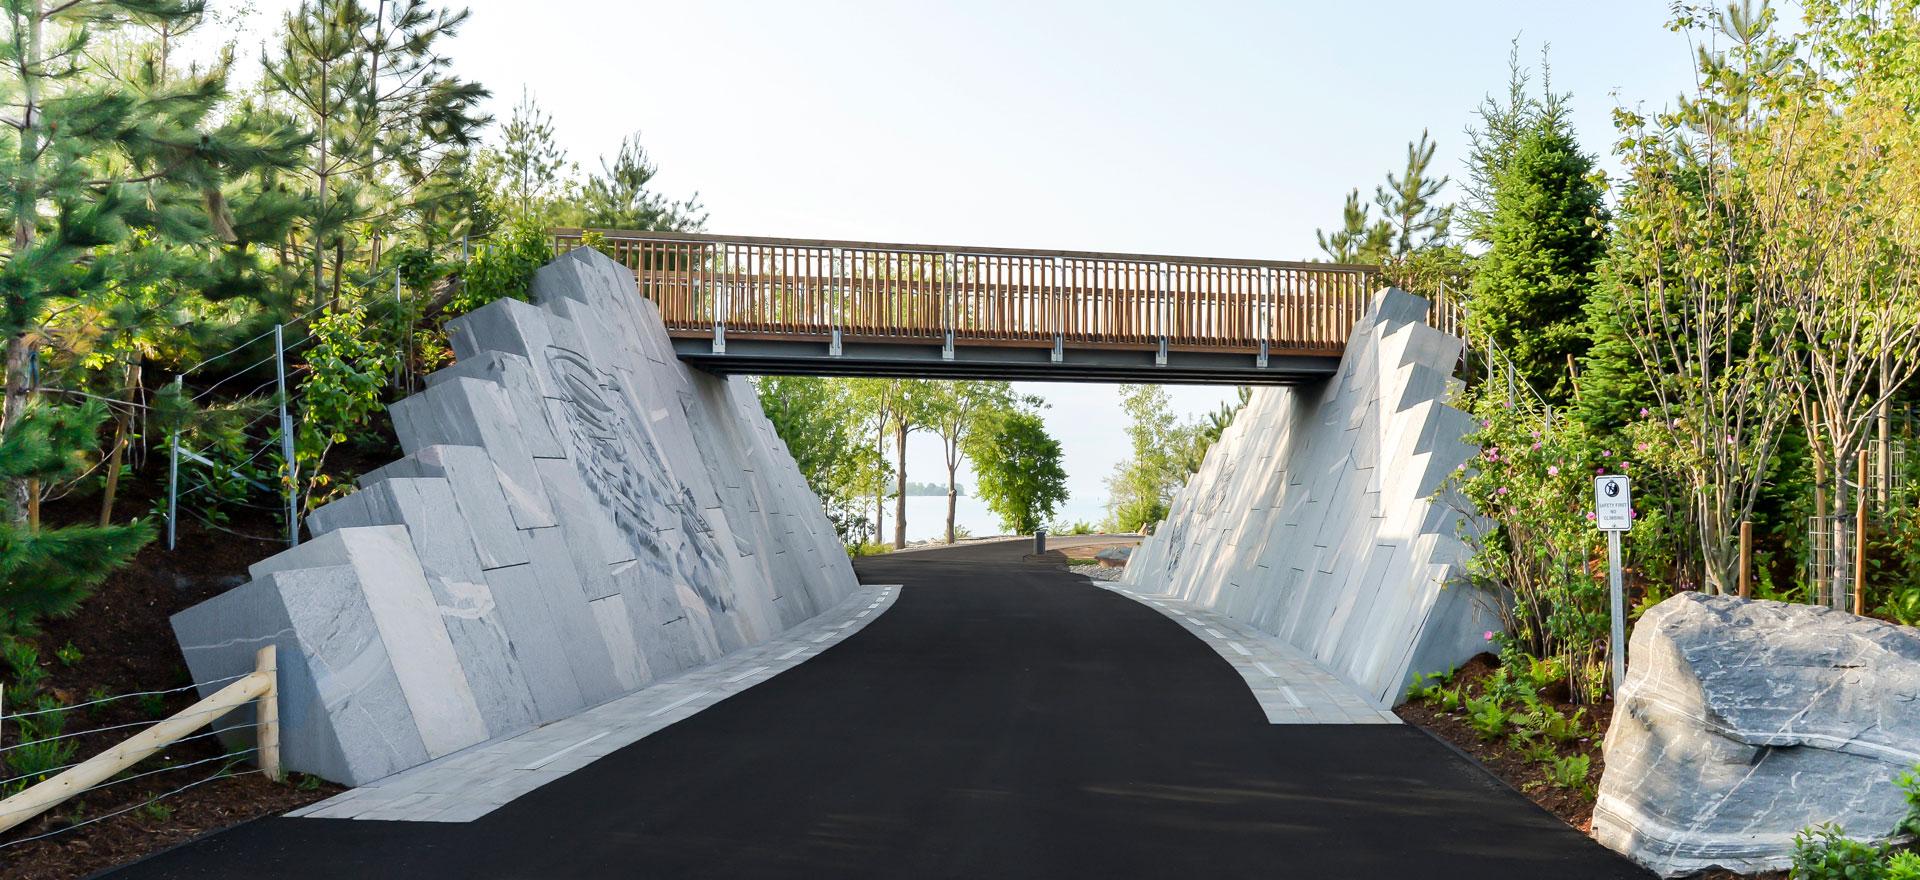 Infrastructure Ontario Trillium Park & William G. Davis Waterfront Trail